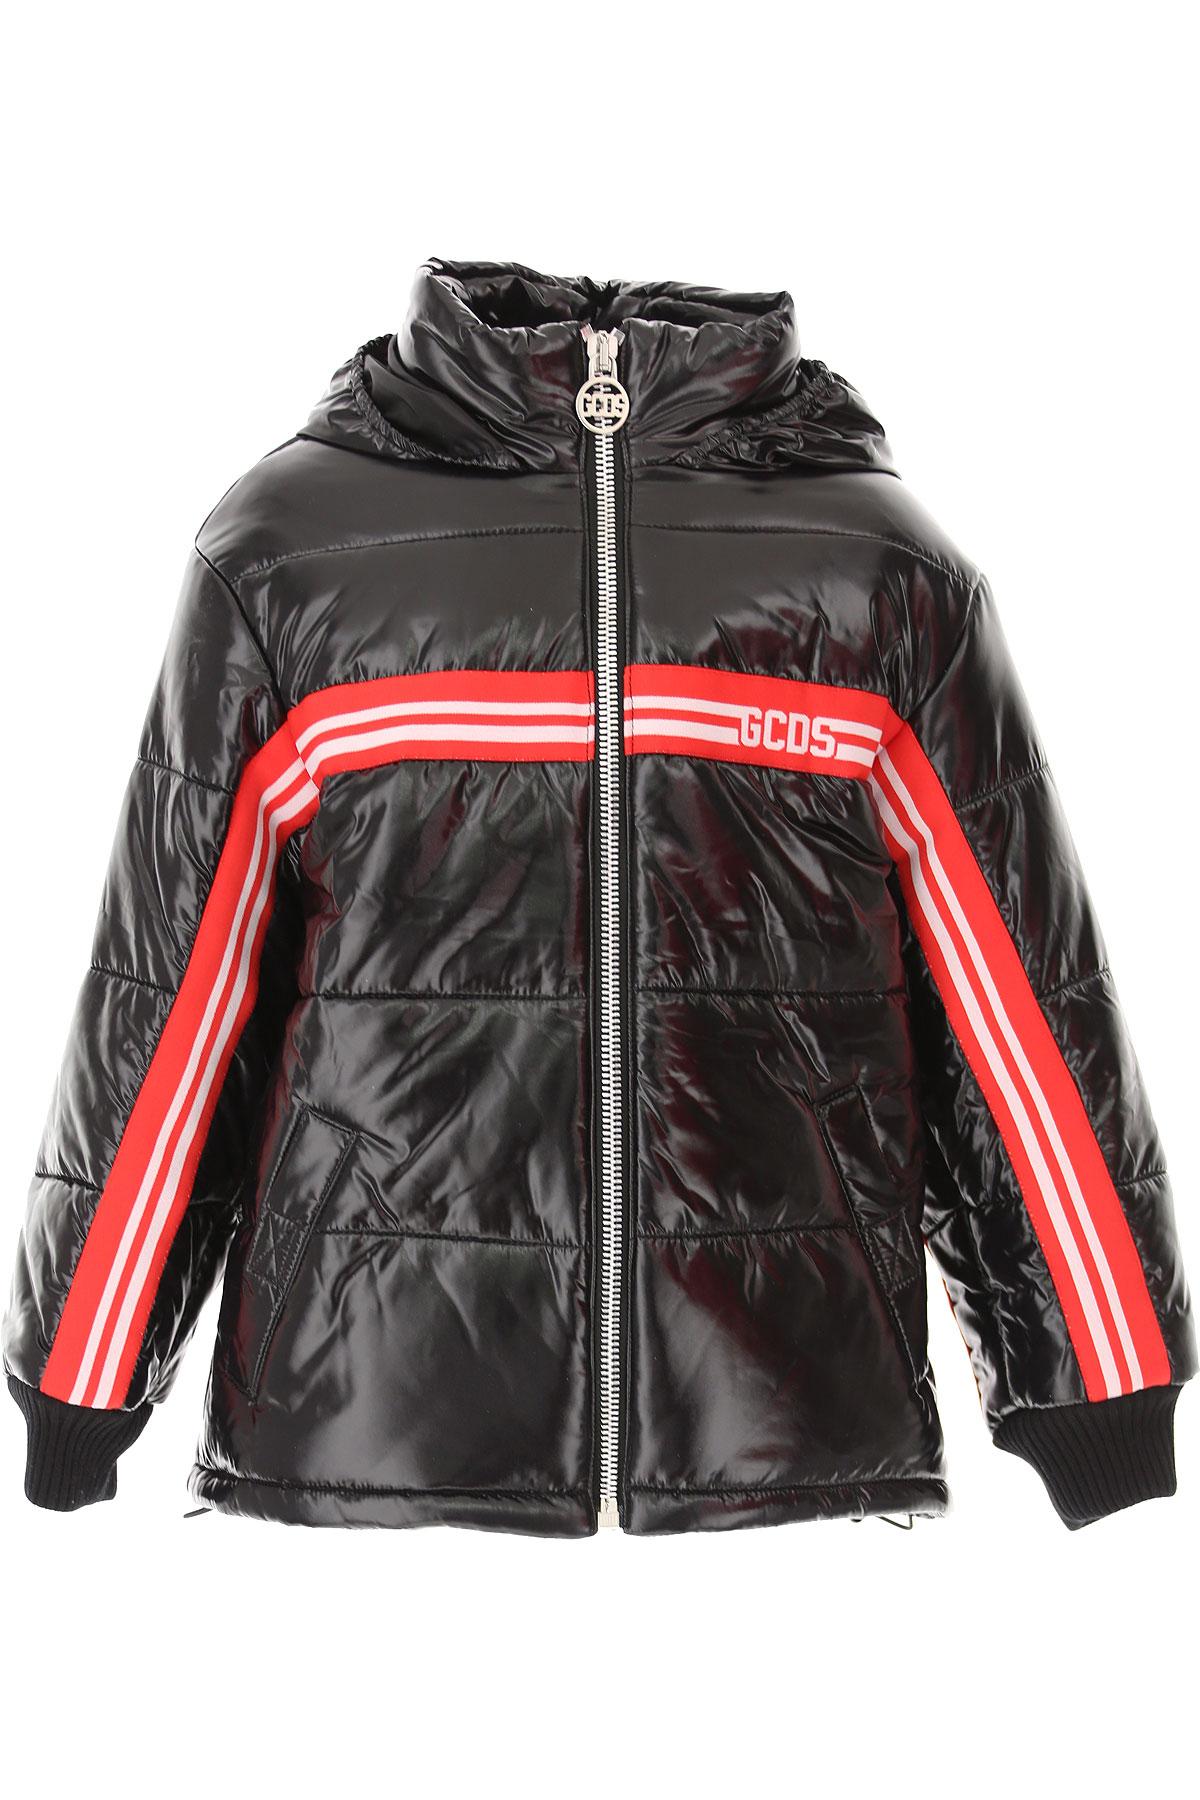 GCDS Boys Down Jacket for Kids, Puffer Ski Jacket On Sale, polyurethane, 2019, 10Y 12Y 14Y 8Y